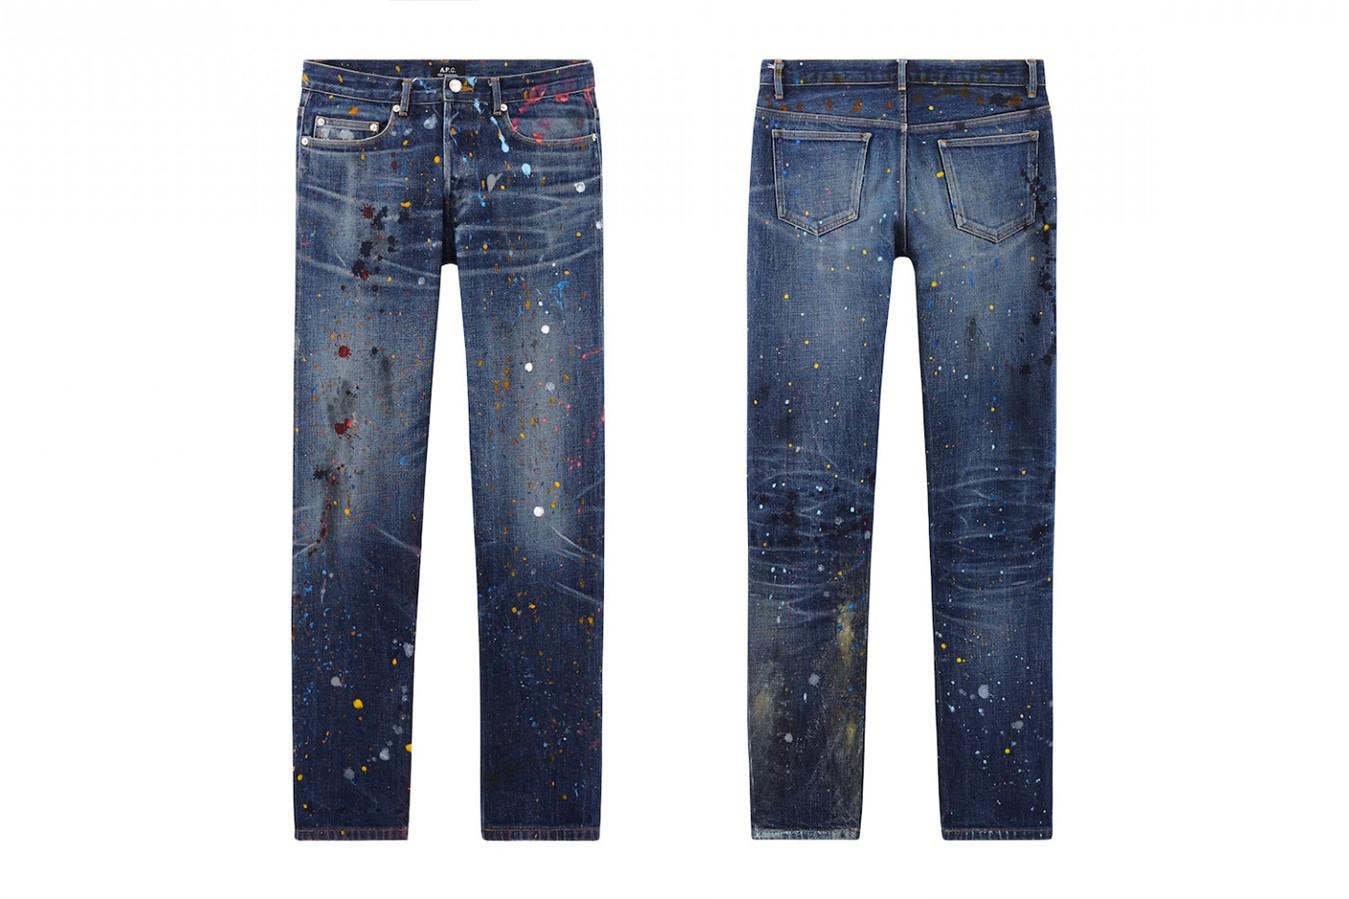 Des jeans qui sont lavés au savon de Marseille - Oui oui !